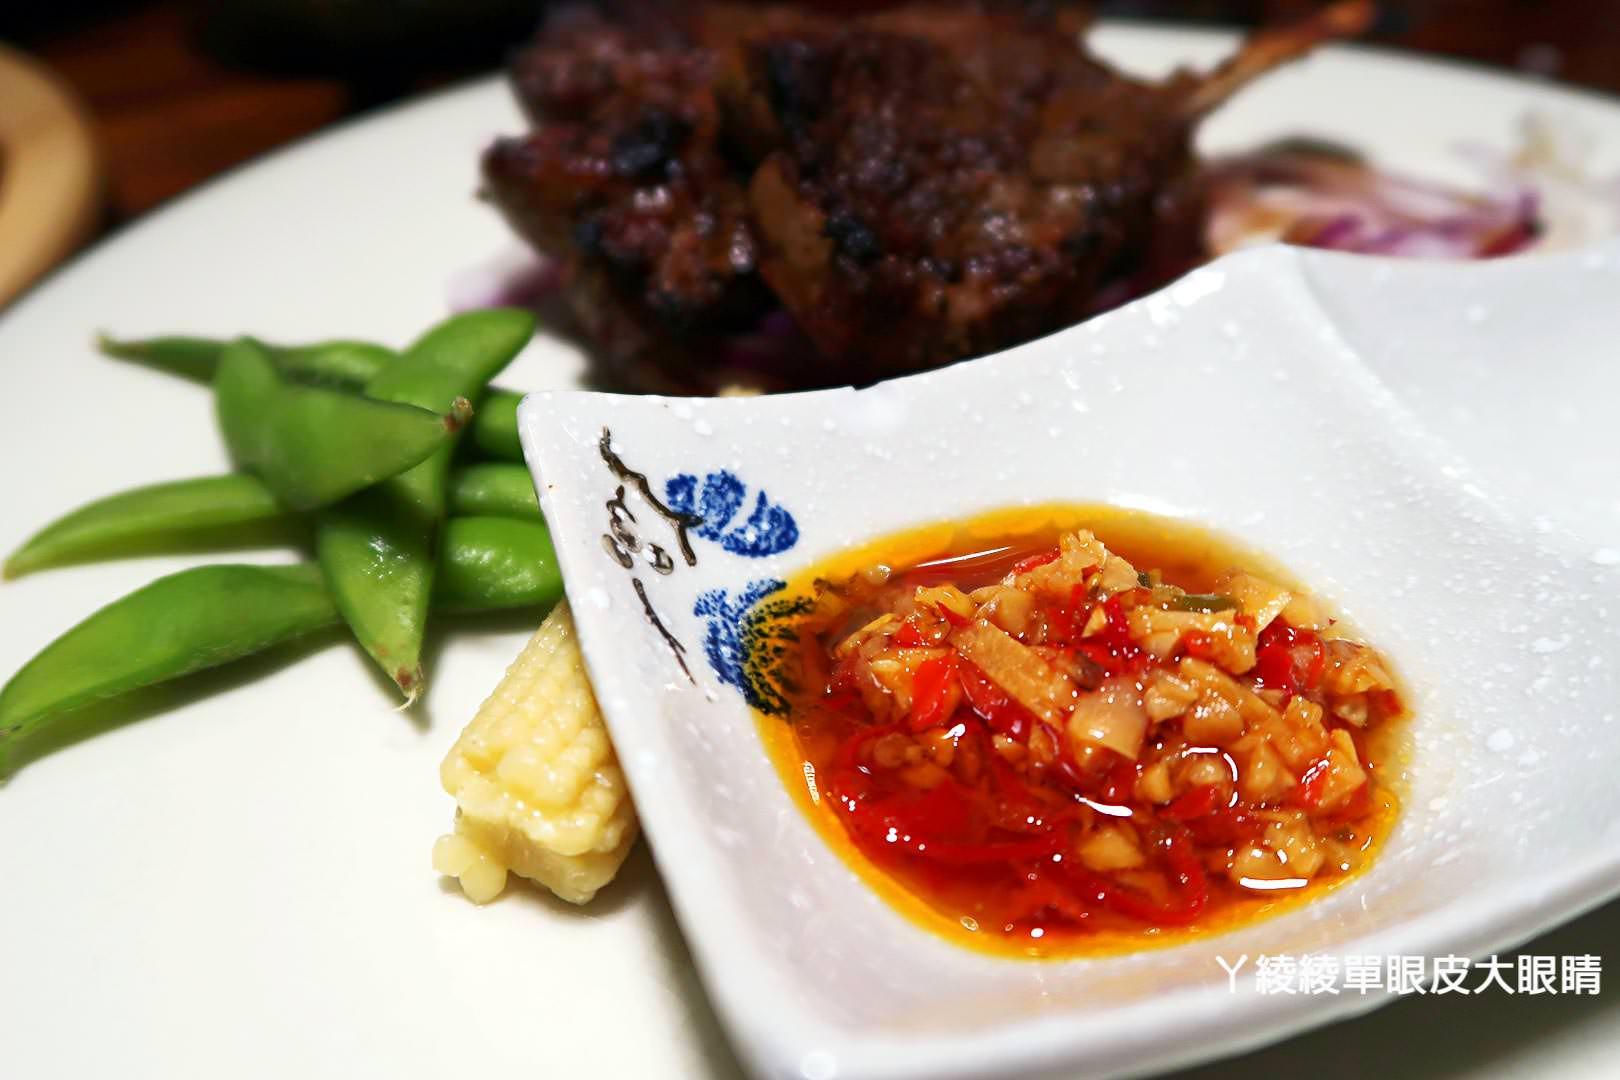 新竹南寮漁港美食,失落沙洲複合式主題餐廳!必點特色窯烤牛排